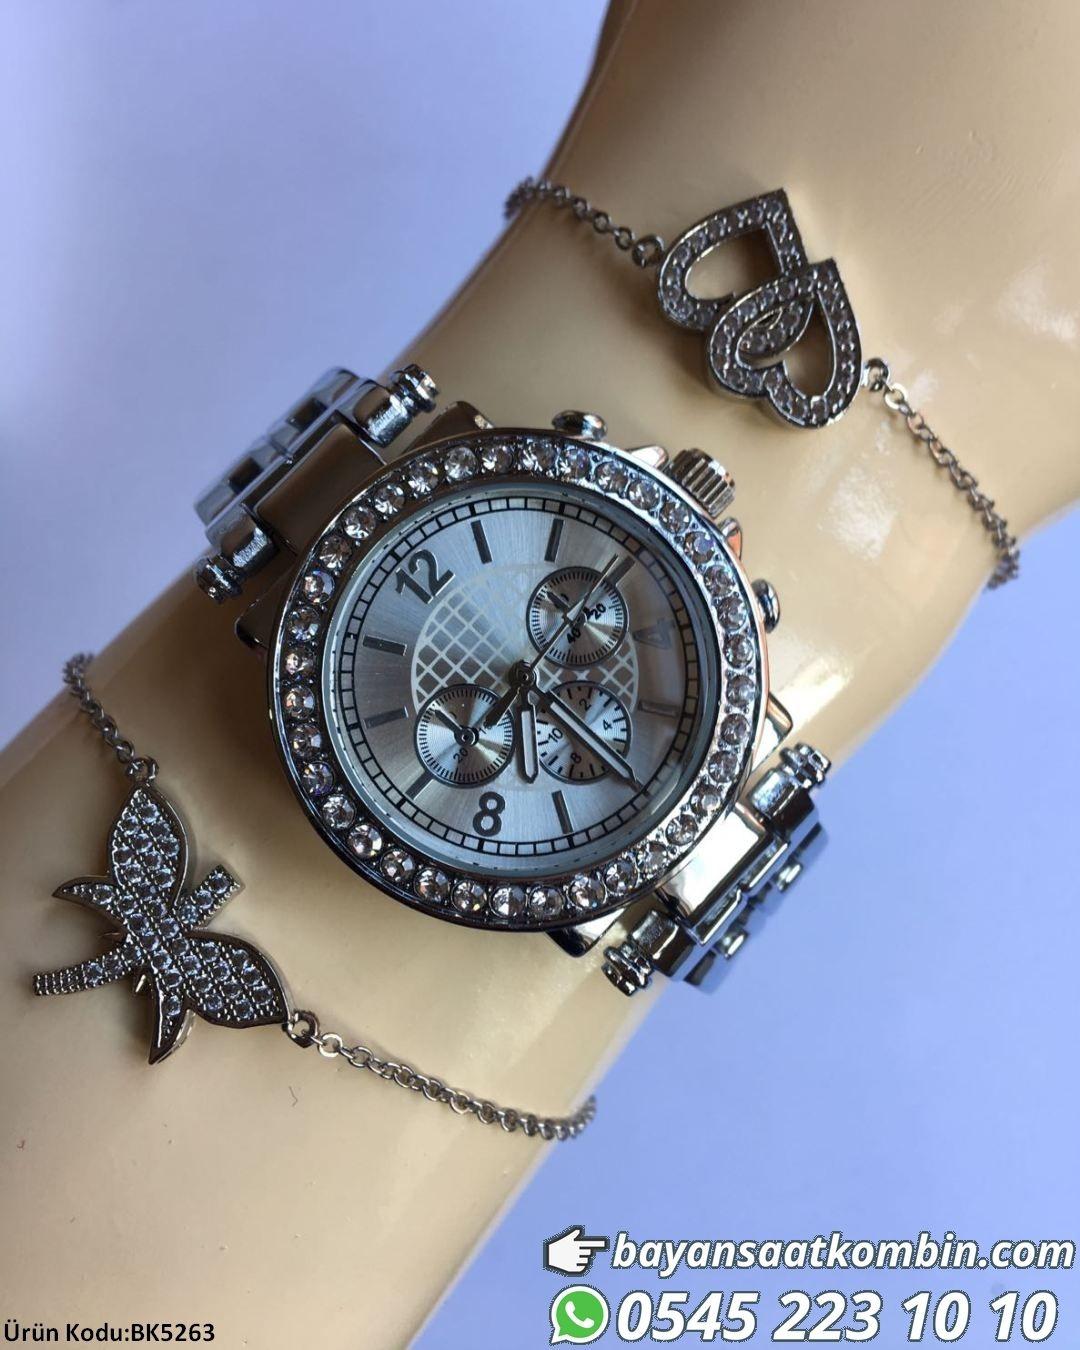 Saat Bileklik Kombini Bileklikler Saat Ile Birlikte Gonderilir Fiyat 49 99 Tl Bankakarti Kredi Kartihavale Watches Women Fashion Girls Watches Elegant Watches